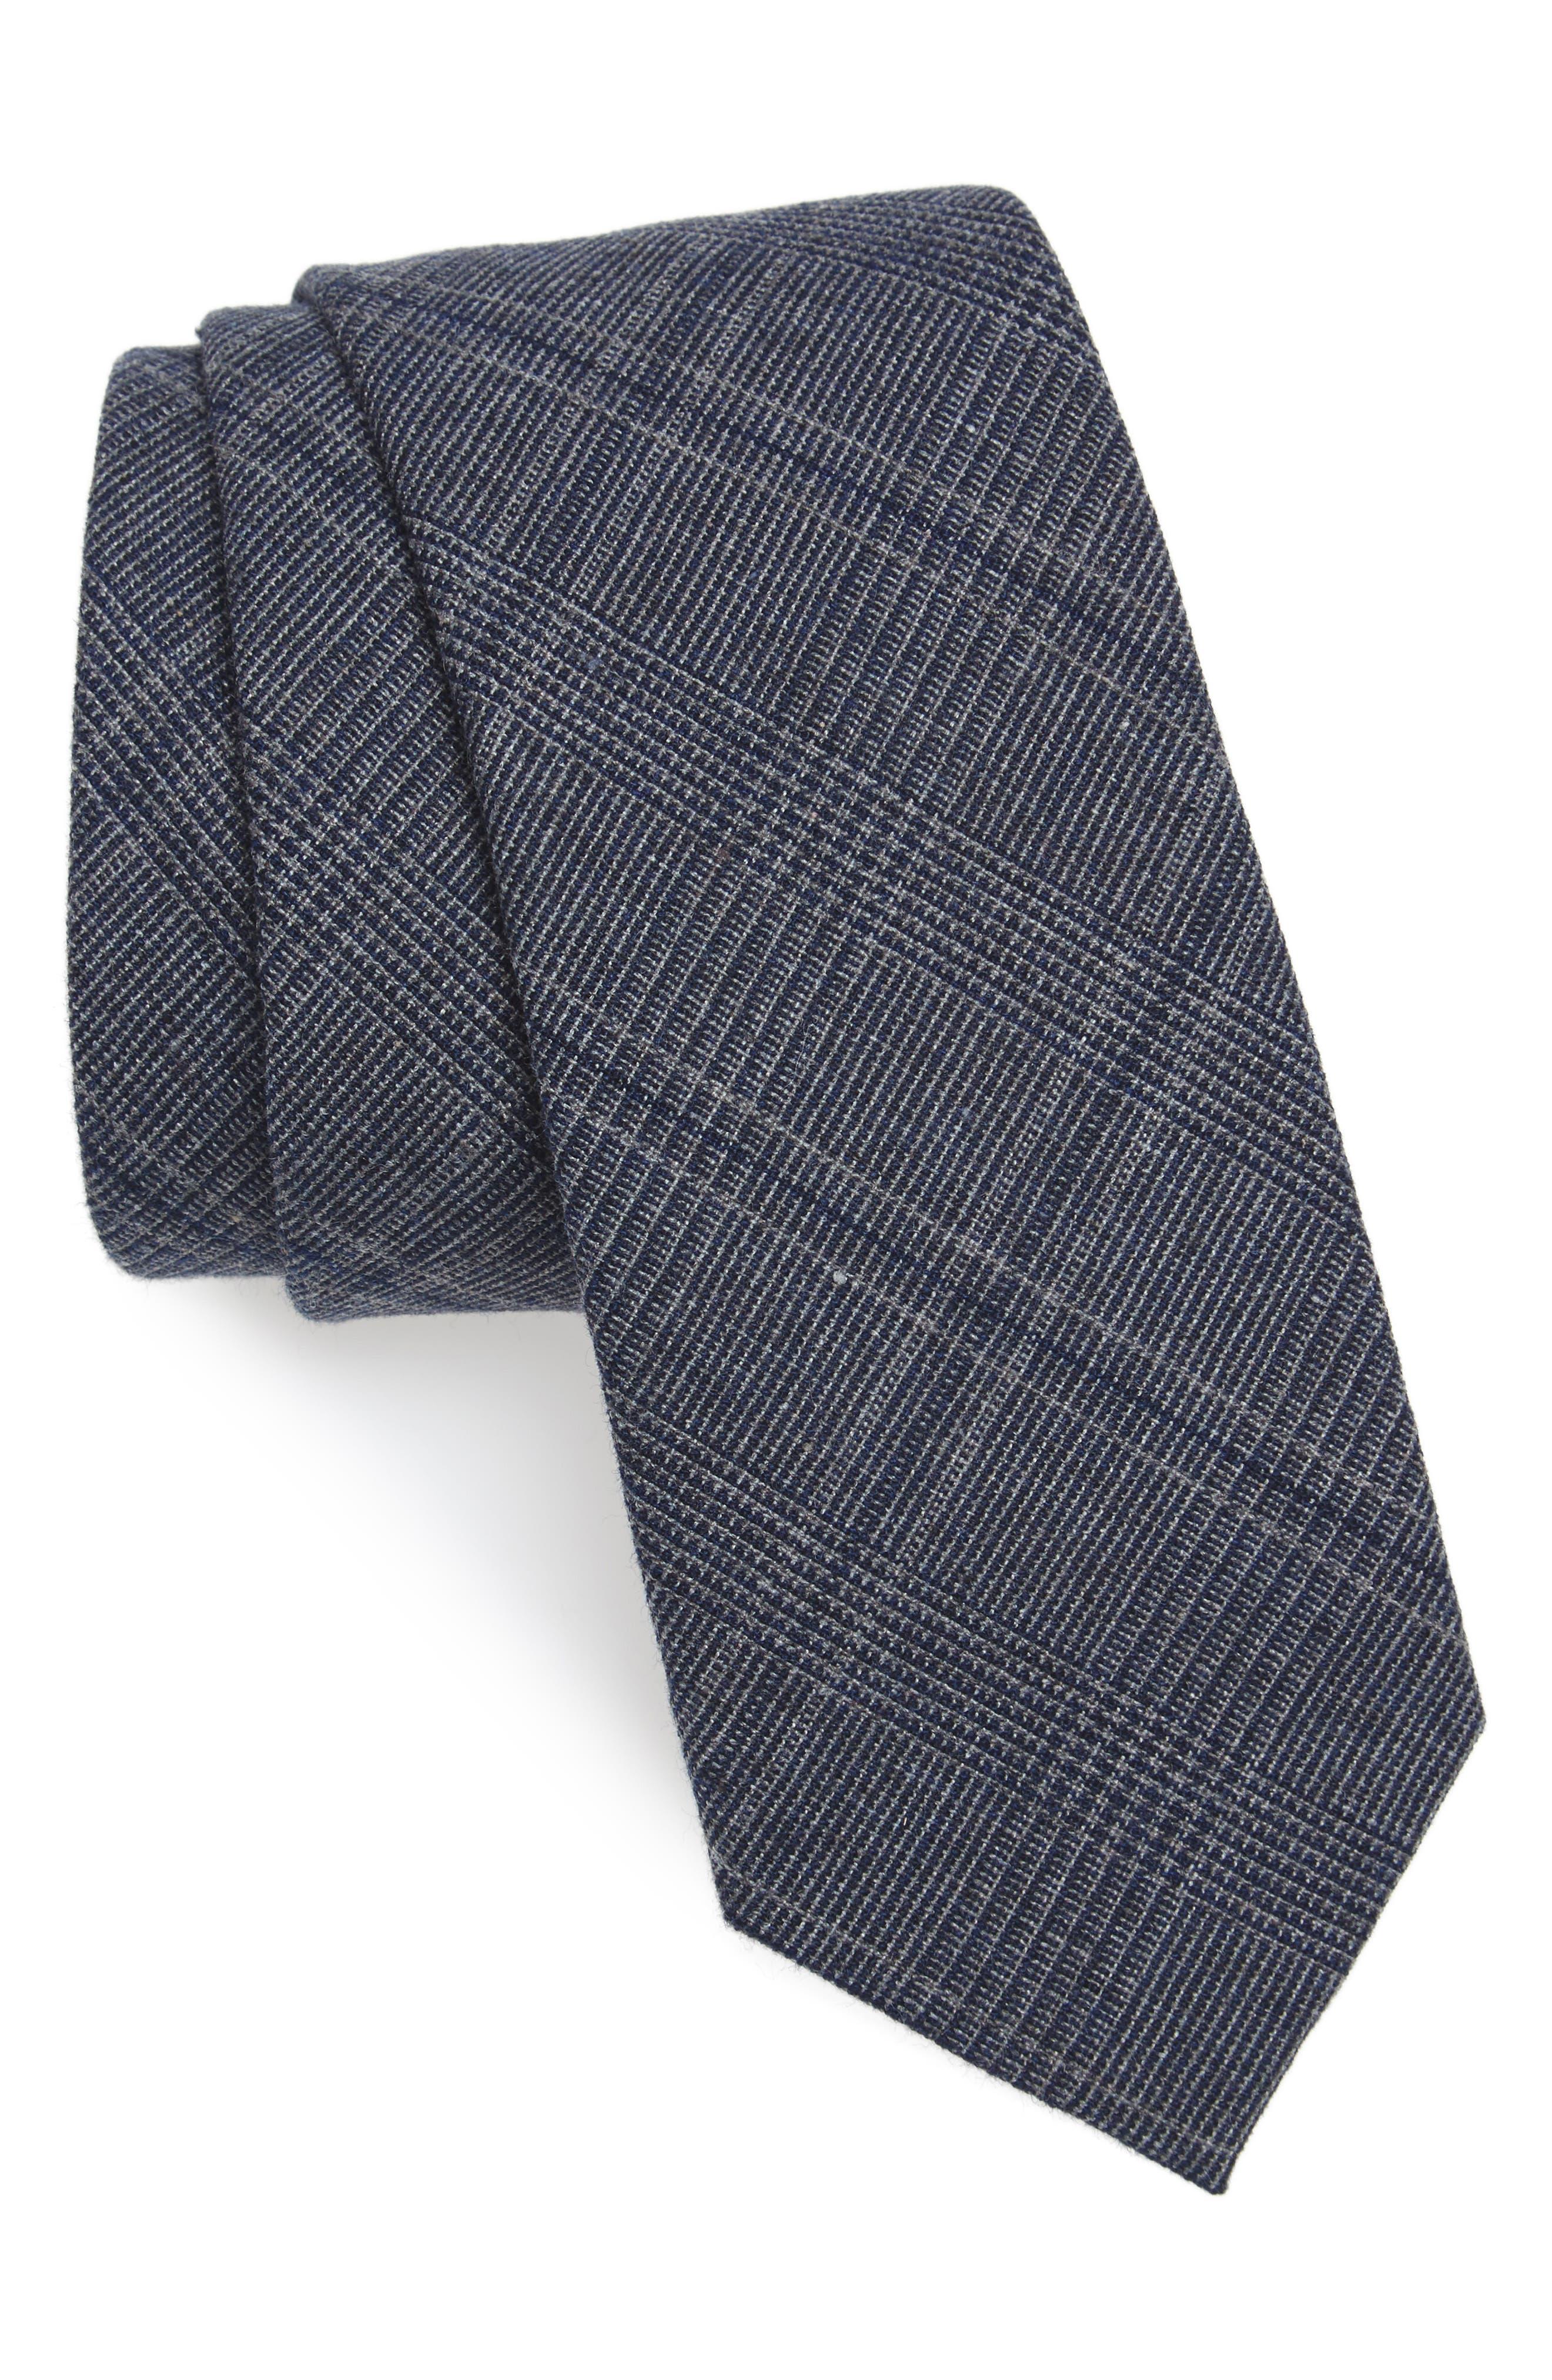 Cobble Plaid Cotton & Linen Tie,                         Main,                         color, 412